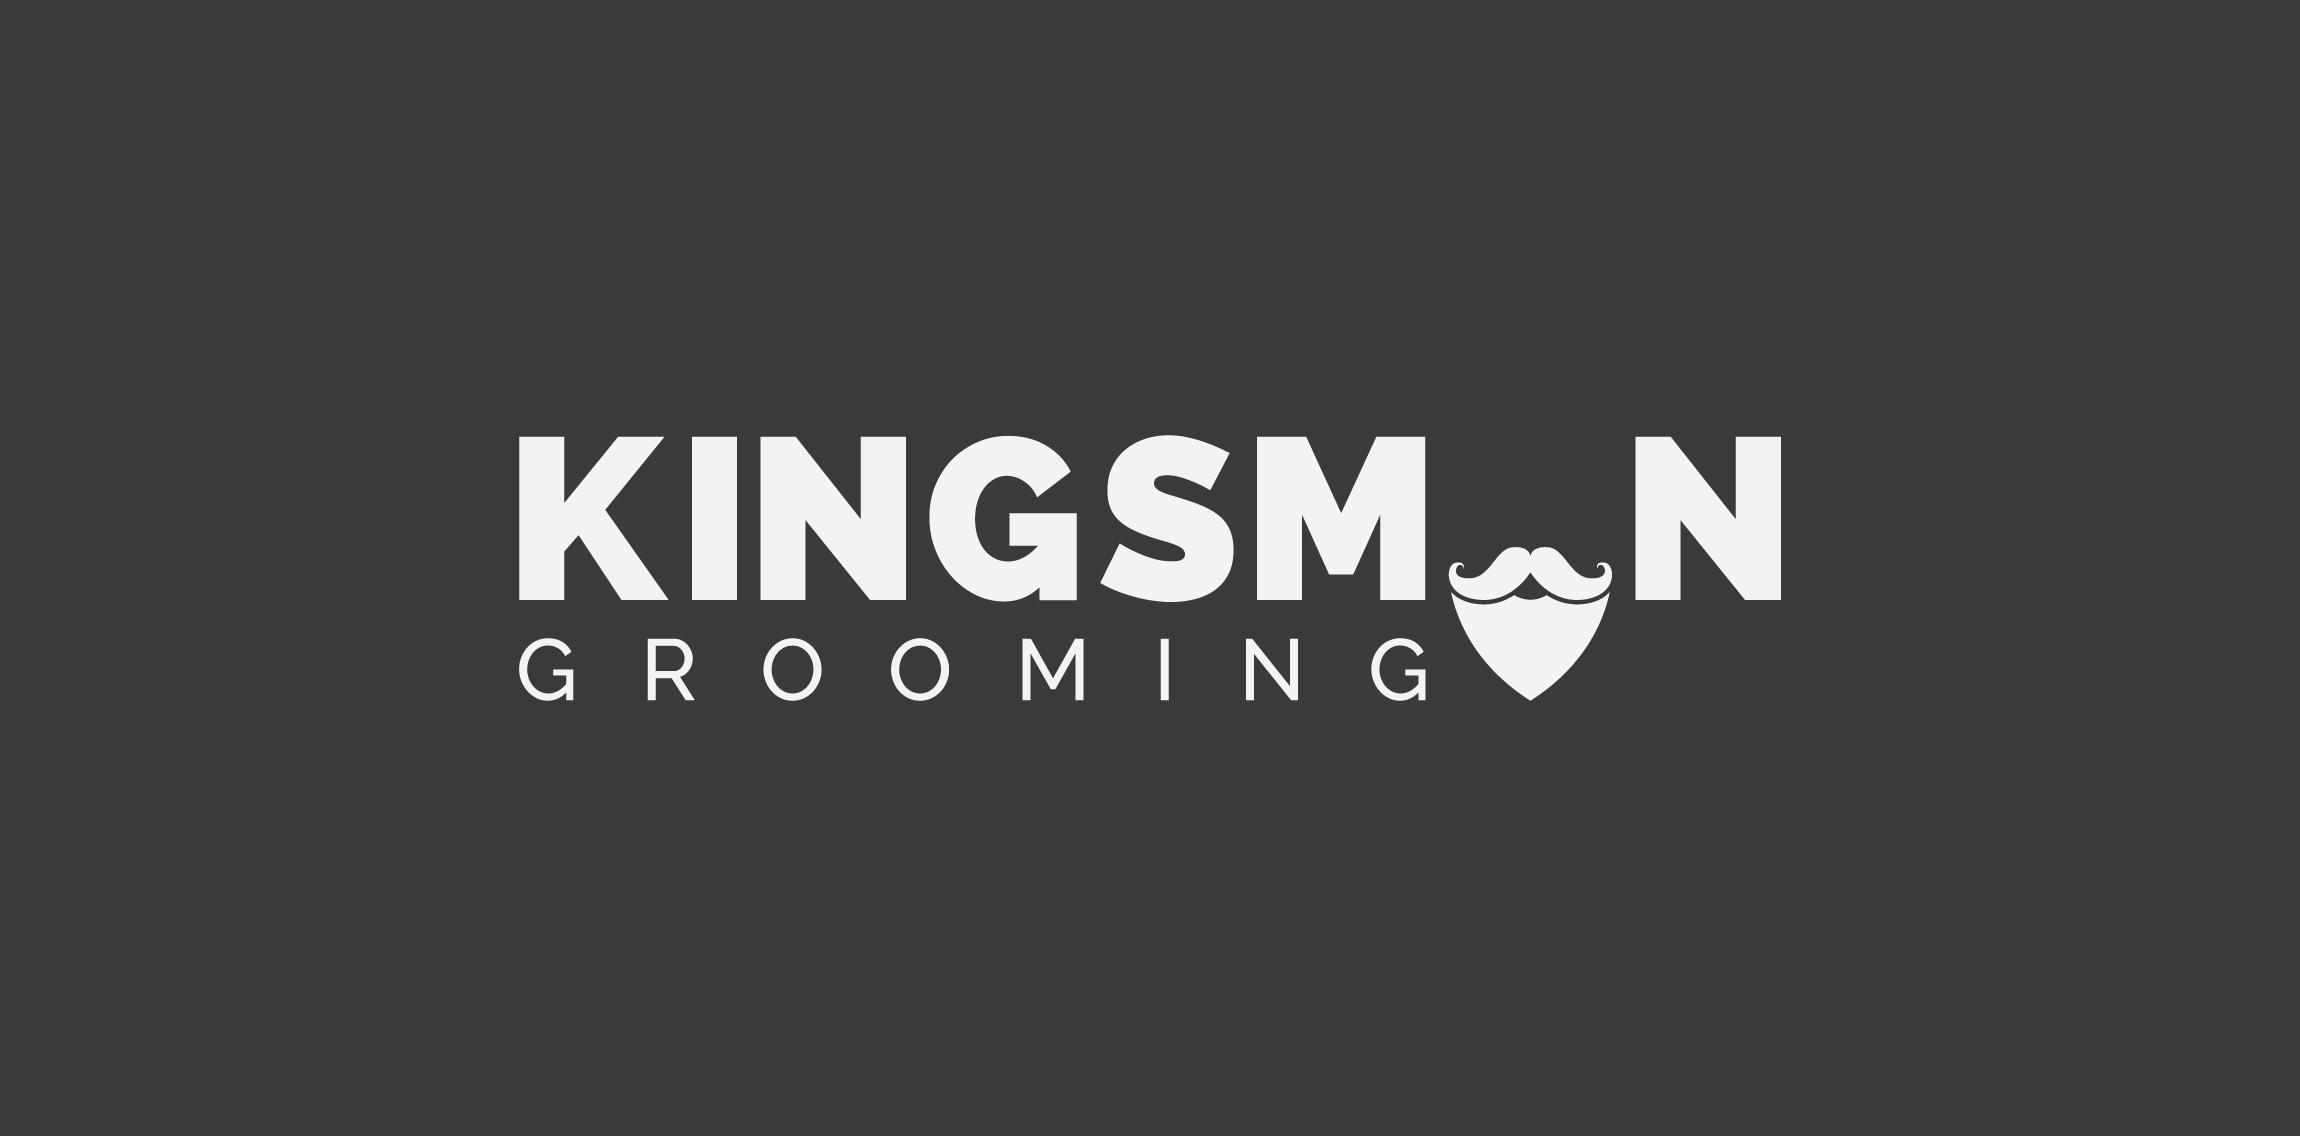 Kingsman Grooming